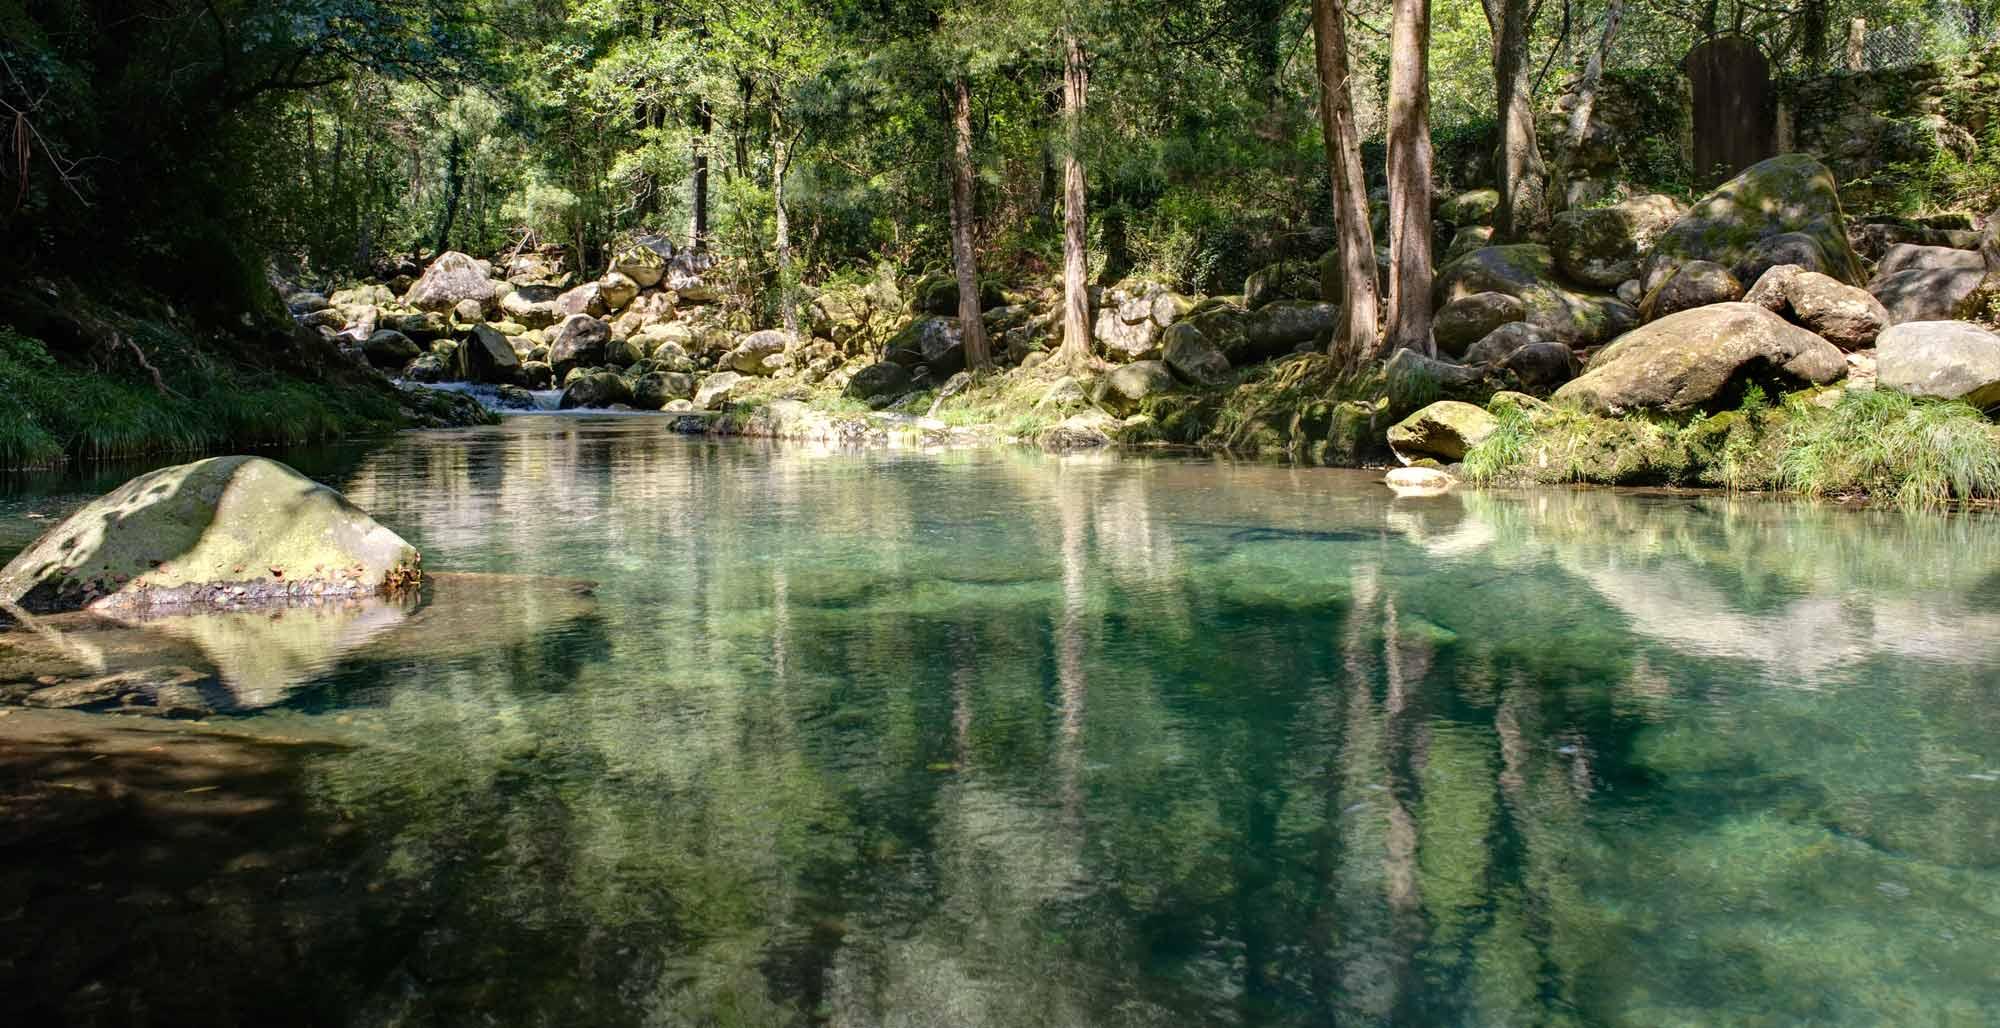 Piscinas Naturales Del Río Pedras